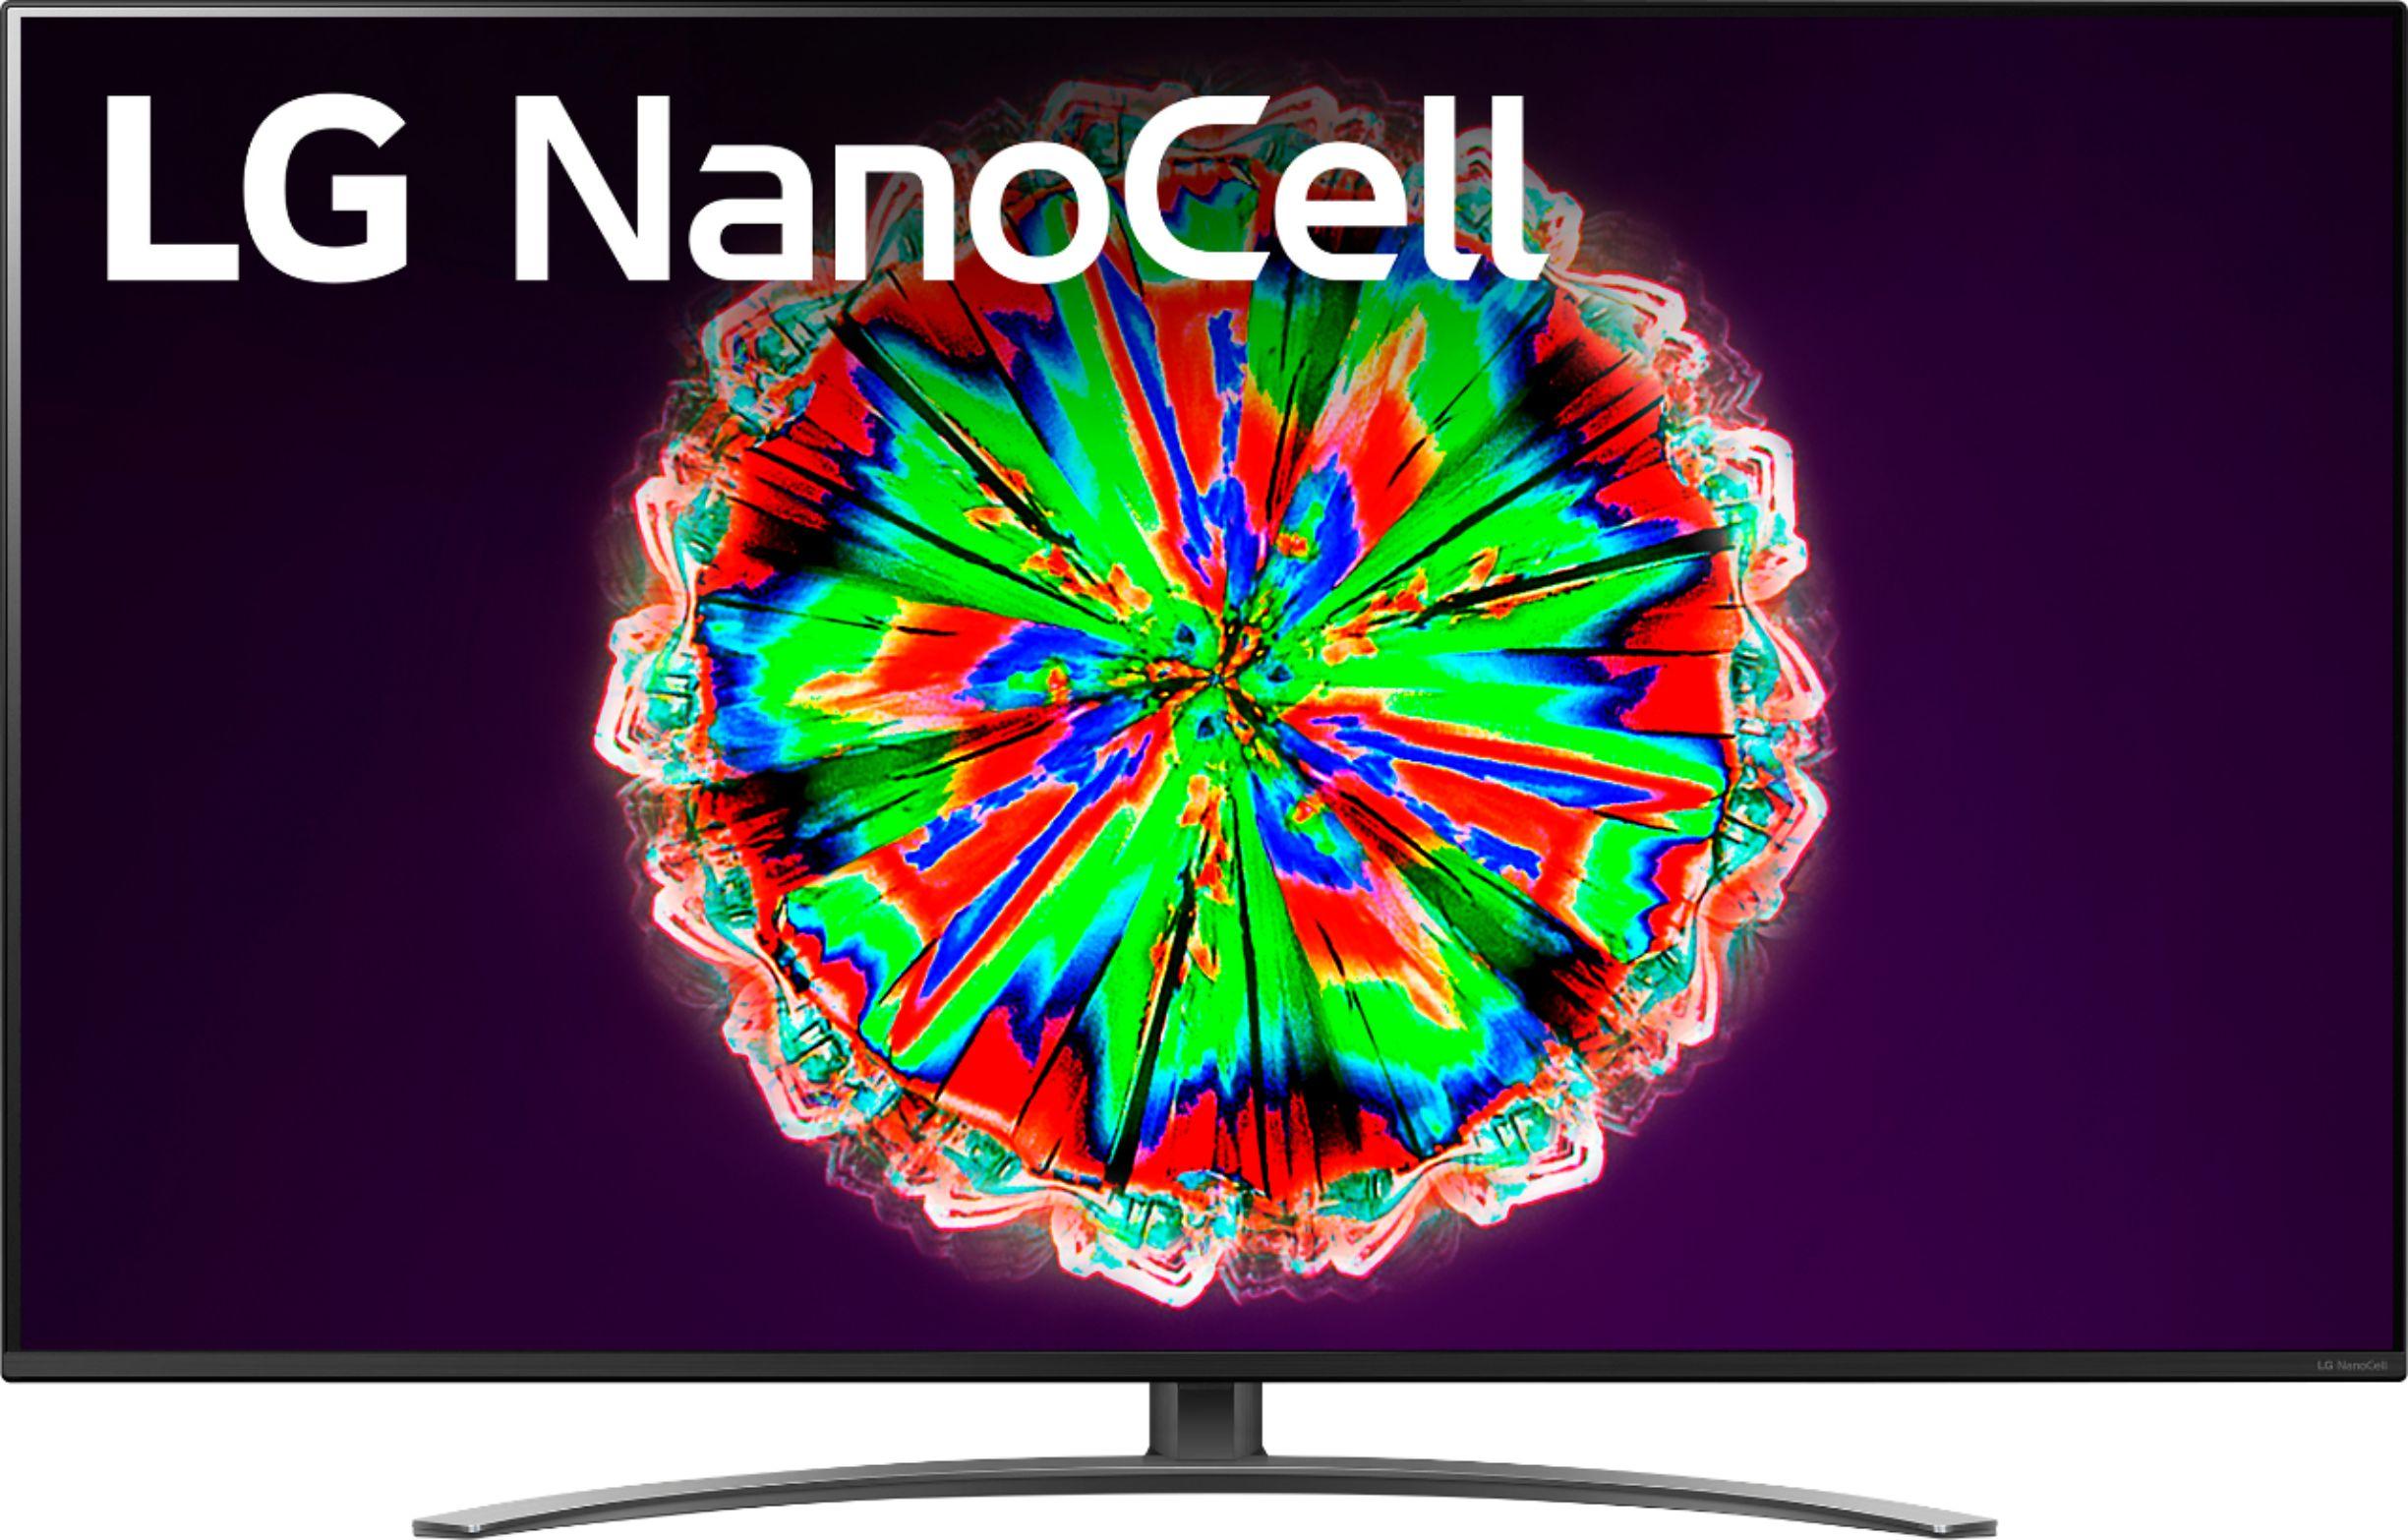 """LG 65"""" NanoCell 81 Series LED 4K UHD Smart webOS TV $629.99 at Best Buy"""